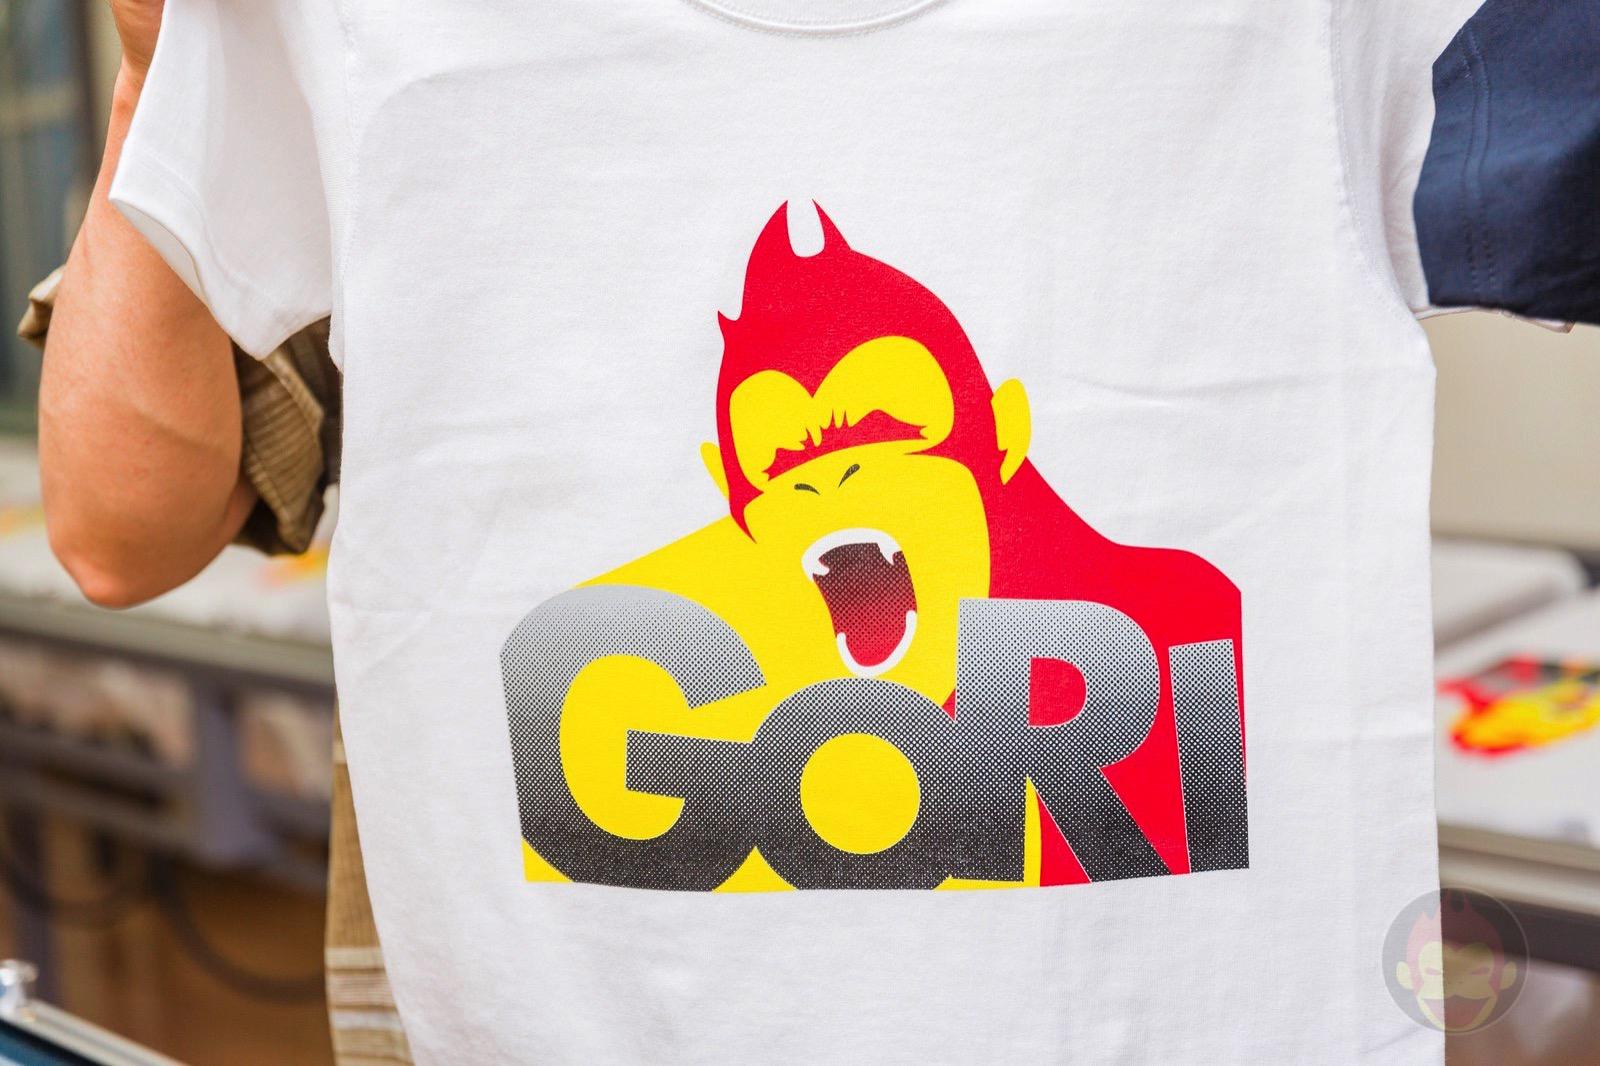 Original-Tshirt-ST-PR-22.jpg